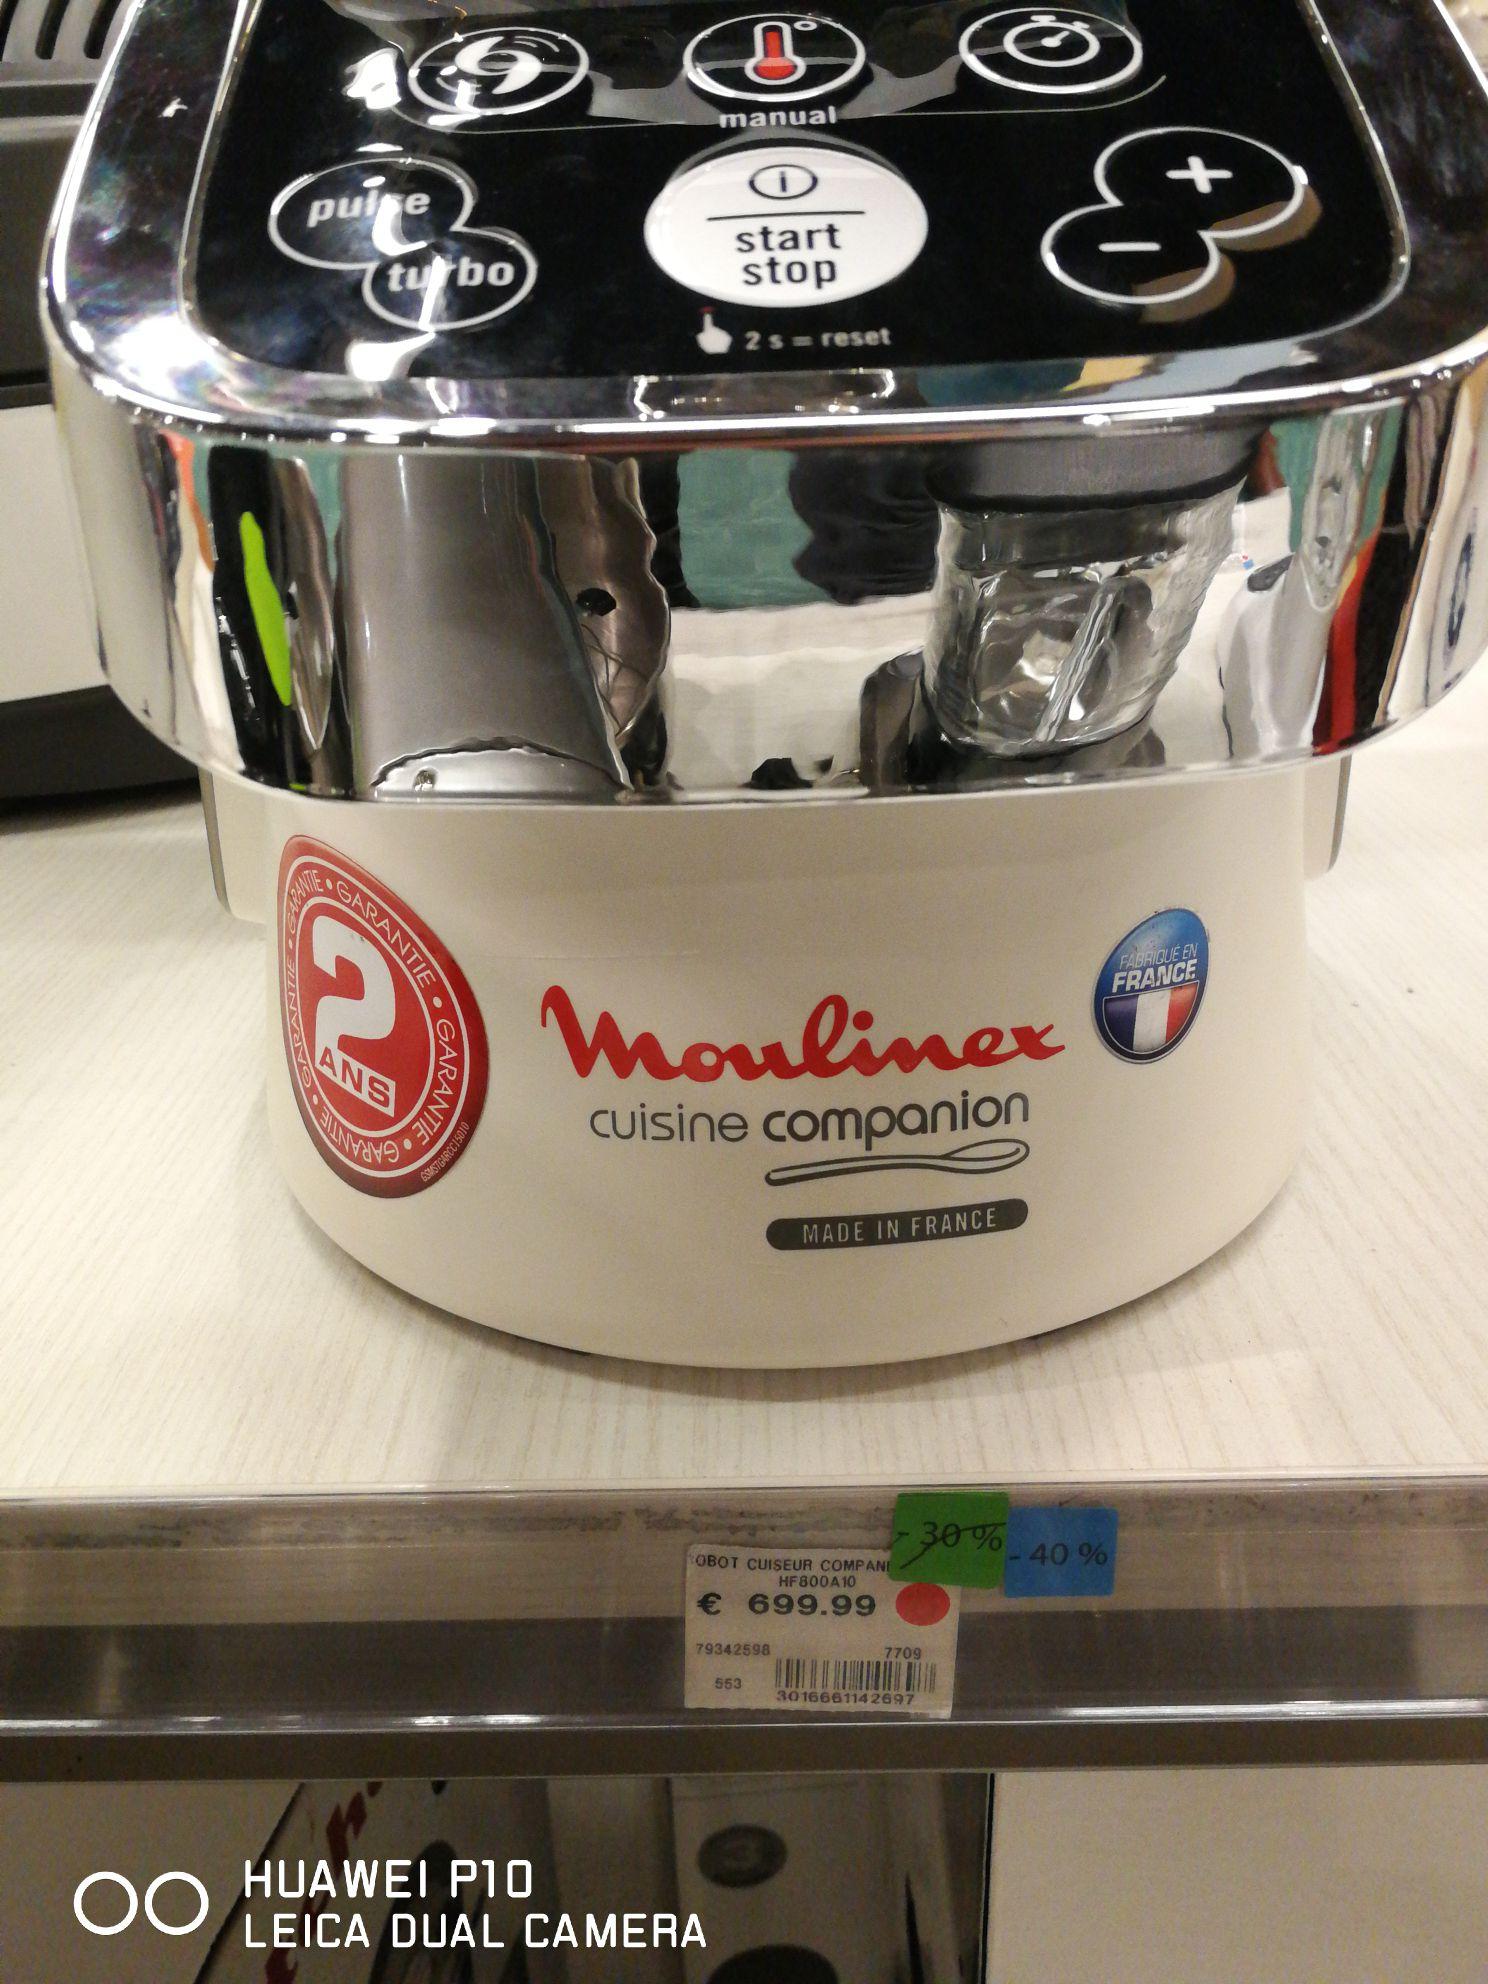 Robot cuiseur Moulinex Companion HF800A10 - BHV Lyon Part-Dieu (69)